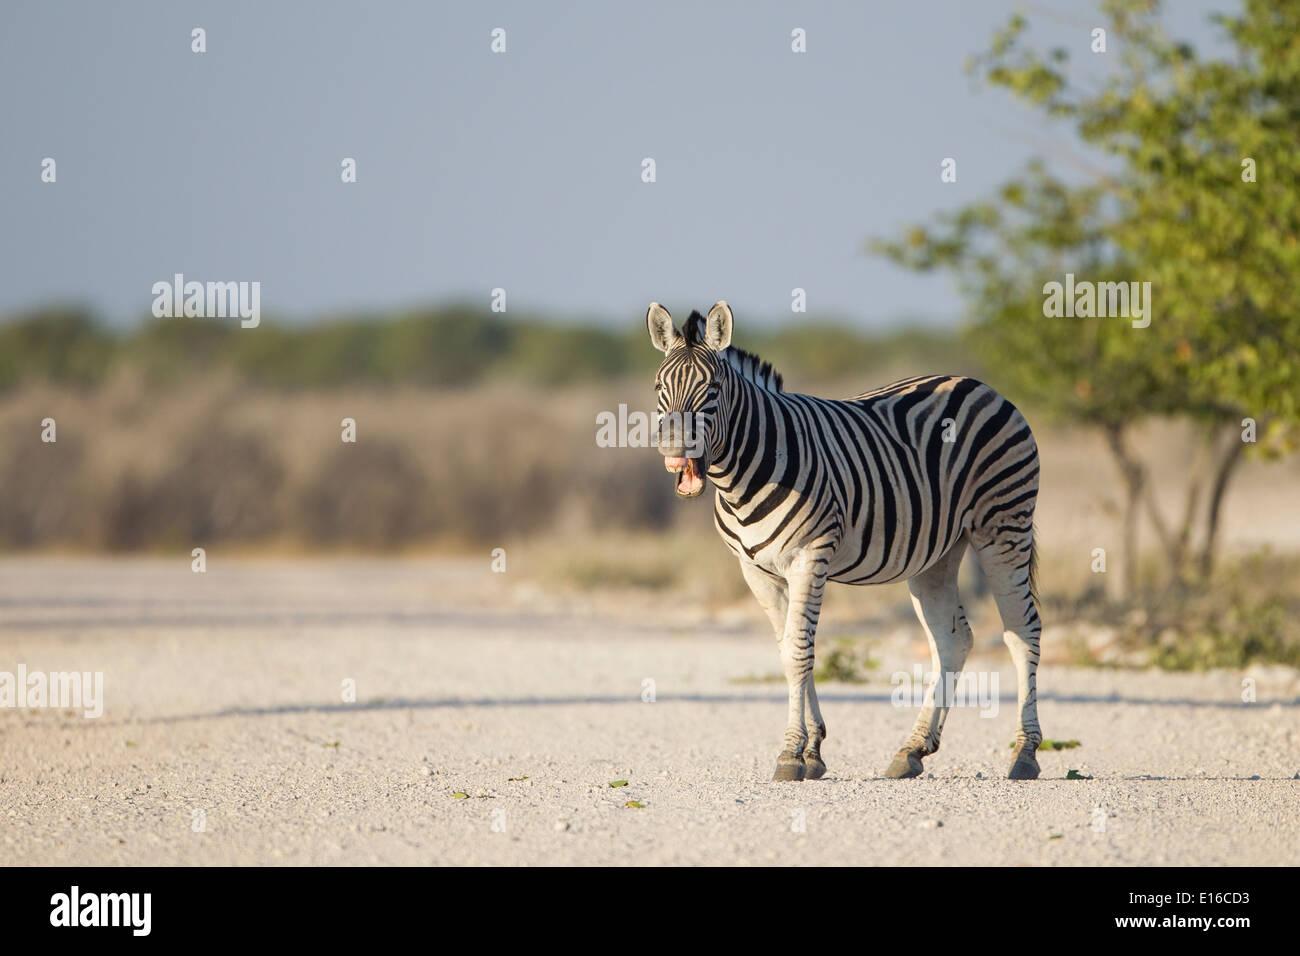 Zebra in Africa - Stock Image